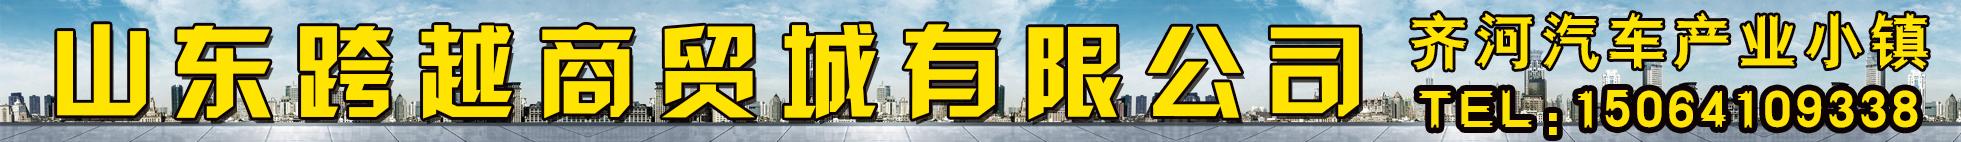 山�|跨越商�Q城有限公司